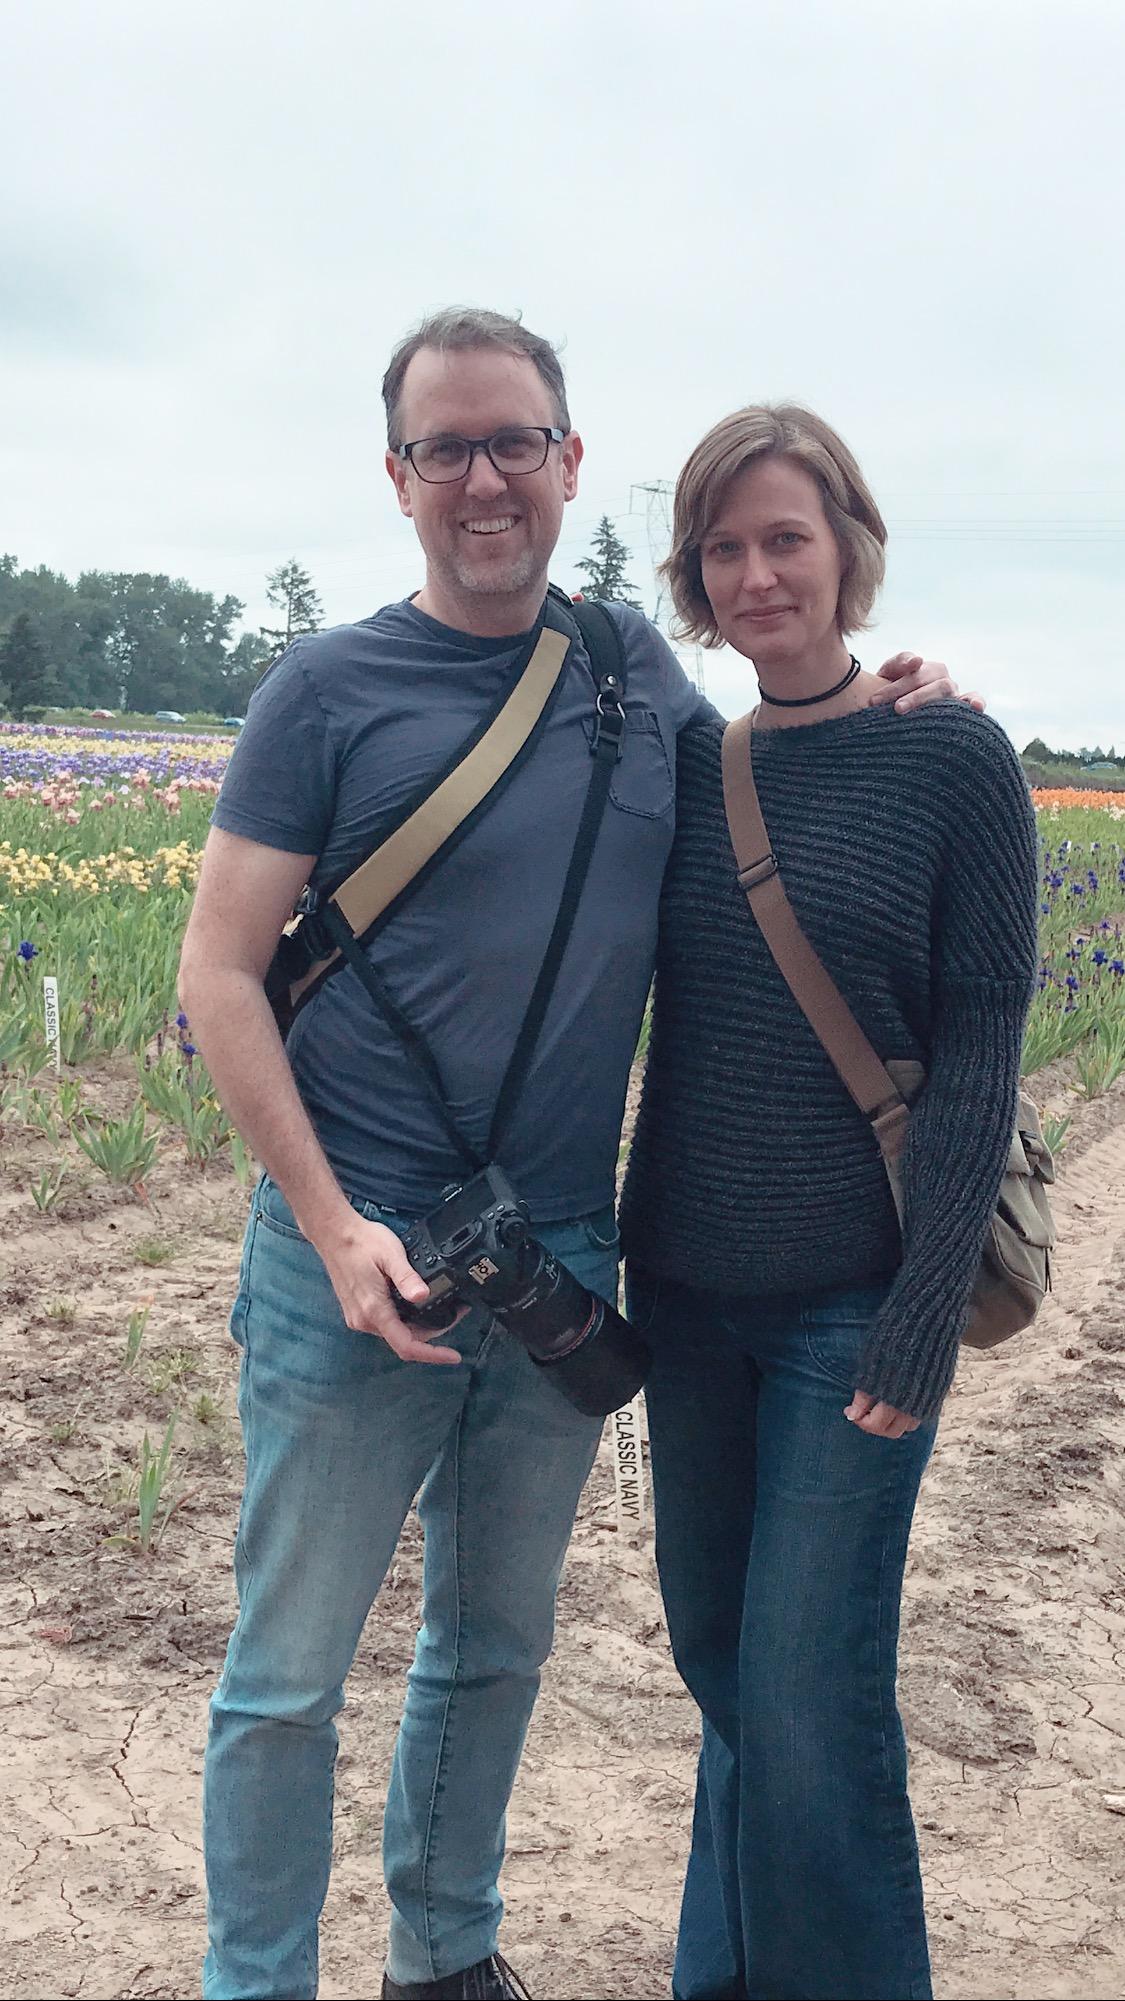 Me and lovely Elaine Schimek